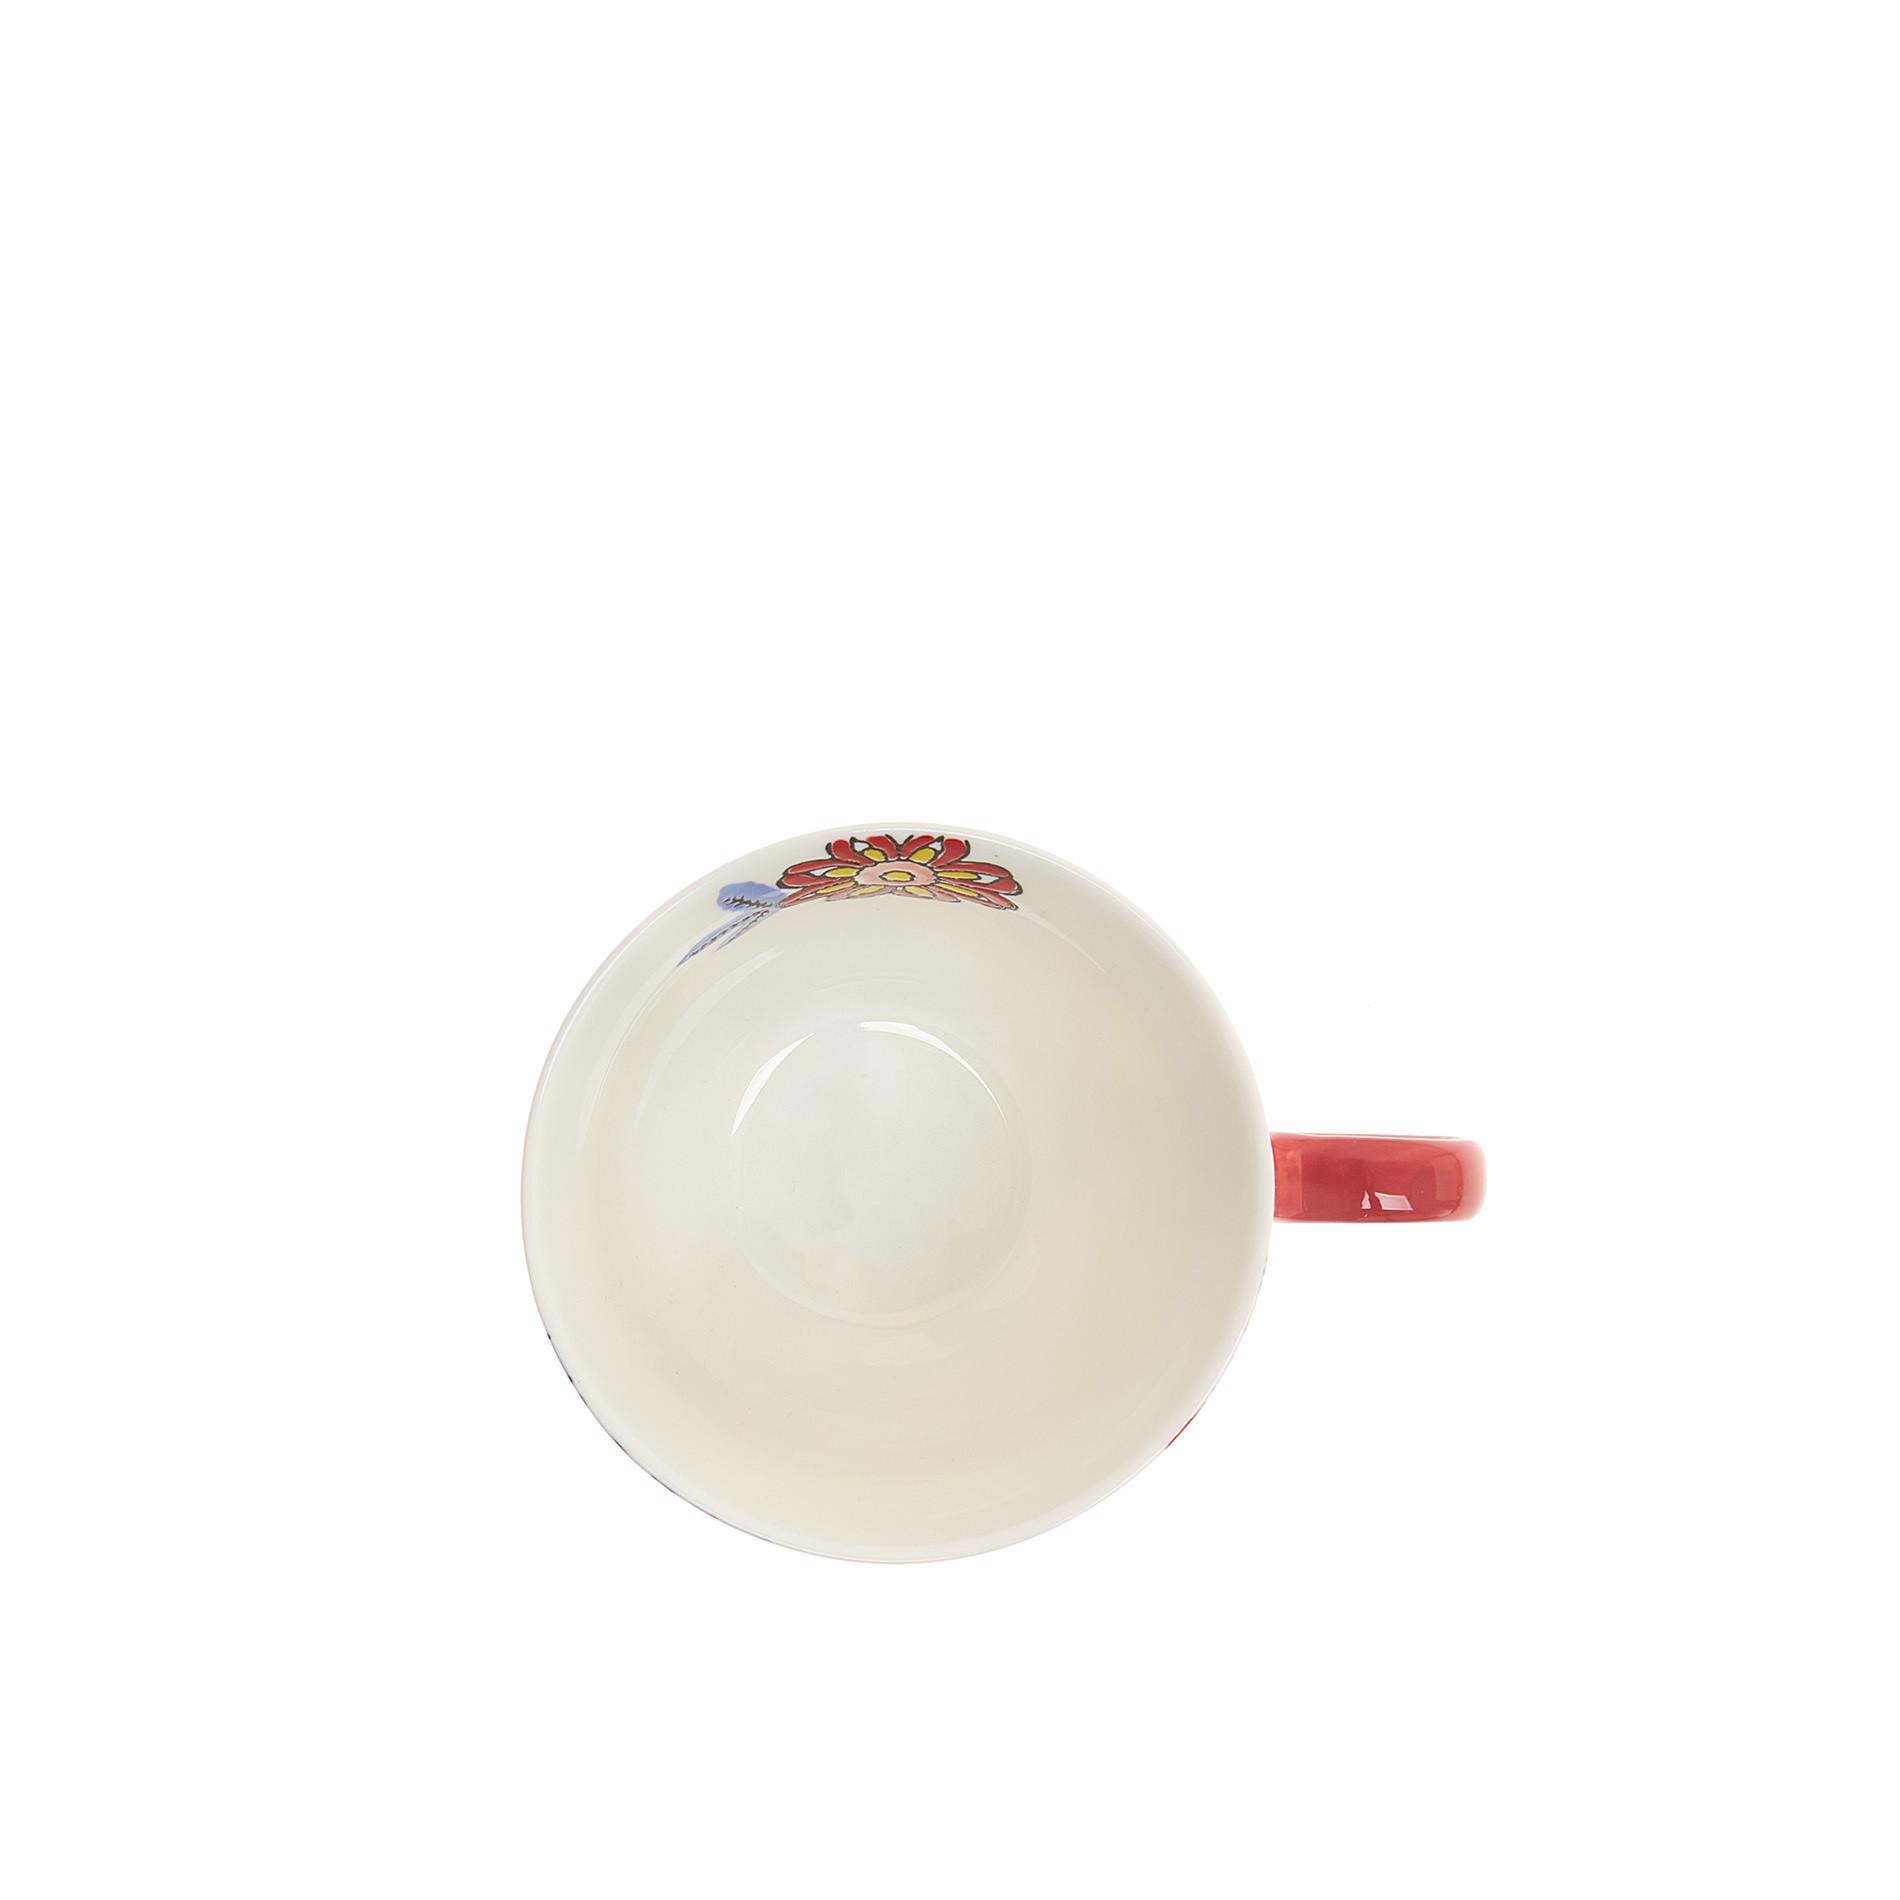 Tazza da colazione stoneware dipinta a mano, Multicolor, large image number 3